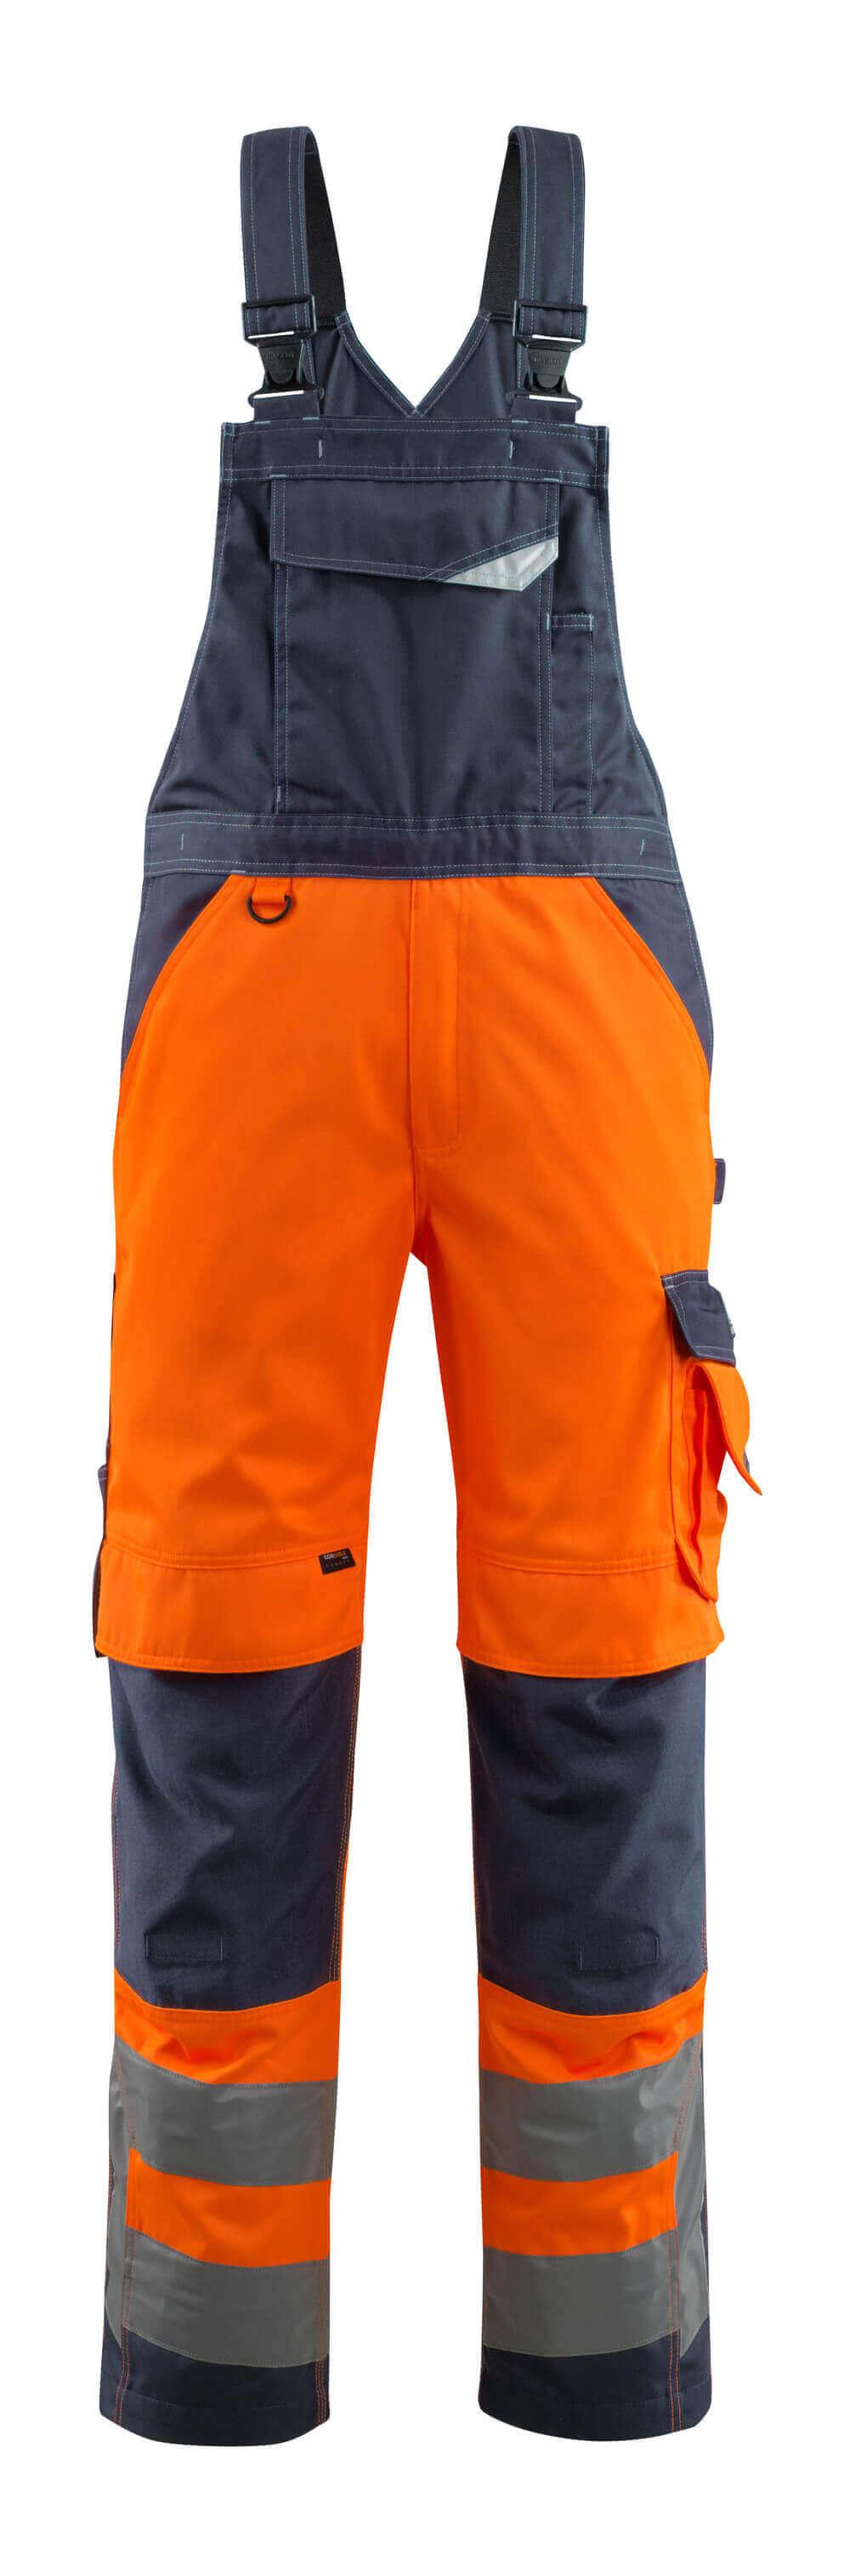 15569-860-14010 Avosuoja polvitaskuilla - hi-vis oranssi/tumma laivastonsininen